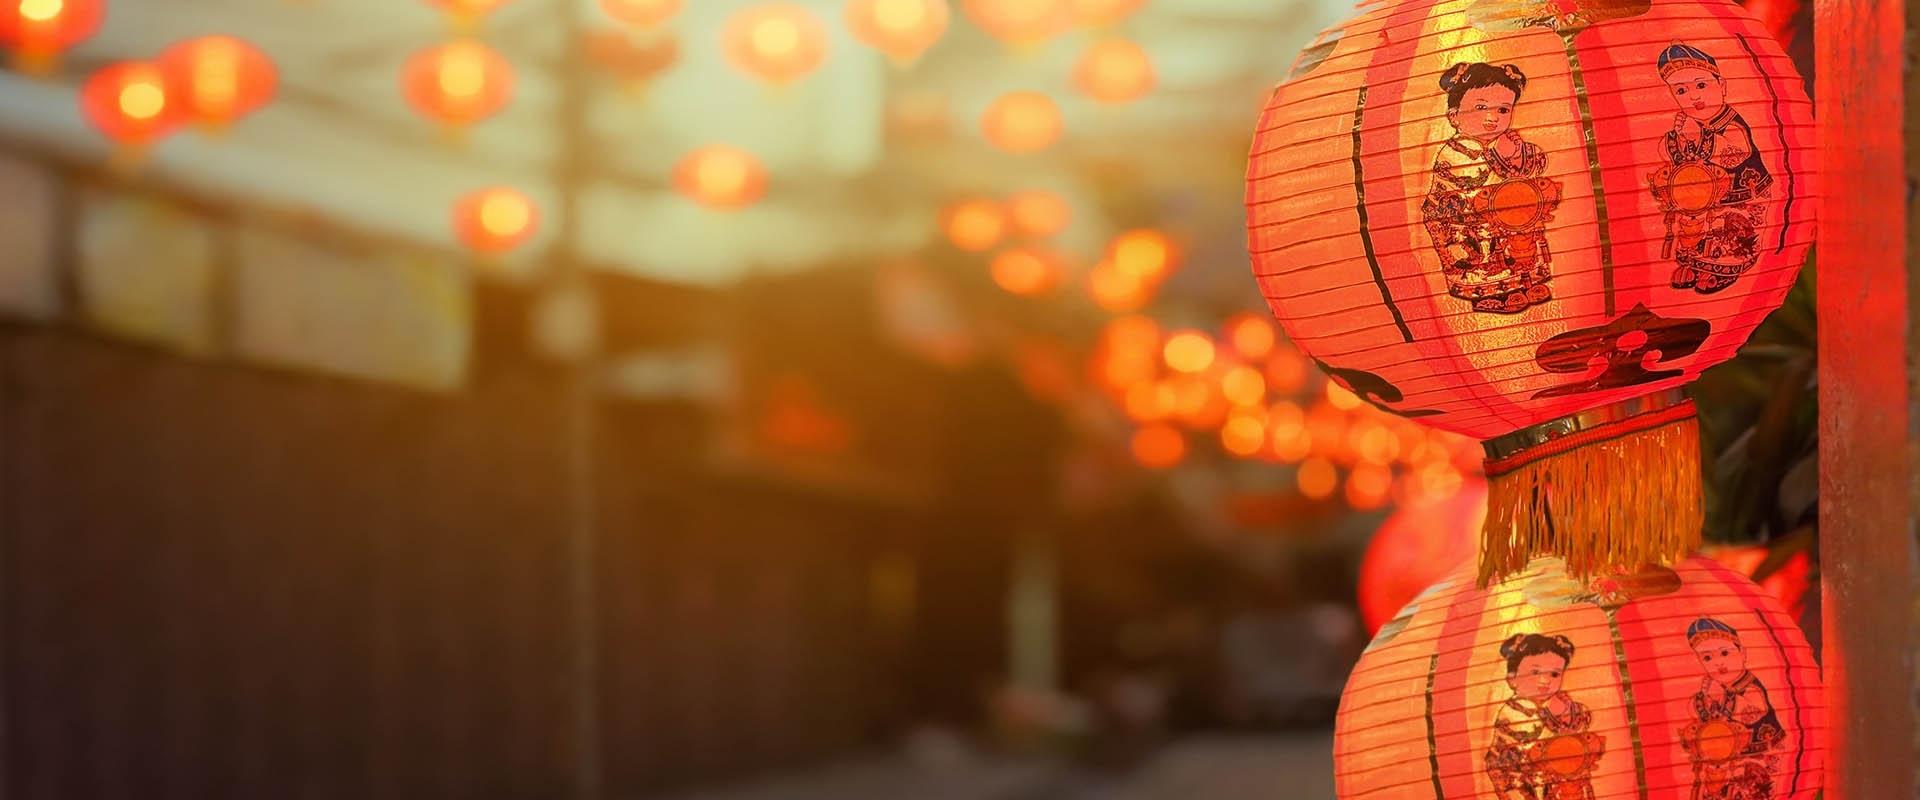 Tahun Baru Cina 2020 Dan 2021 - Publicholidays.my inside Raya.cina 2020